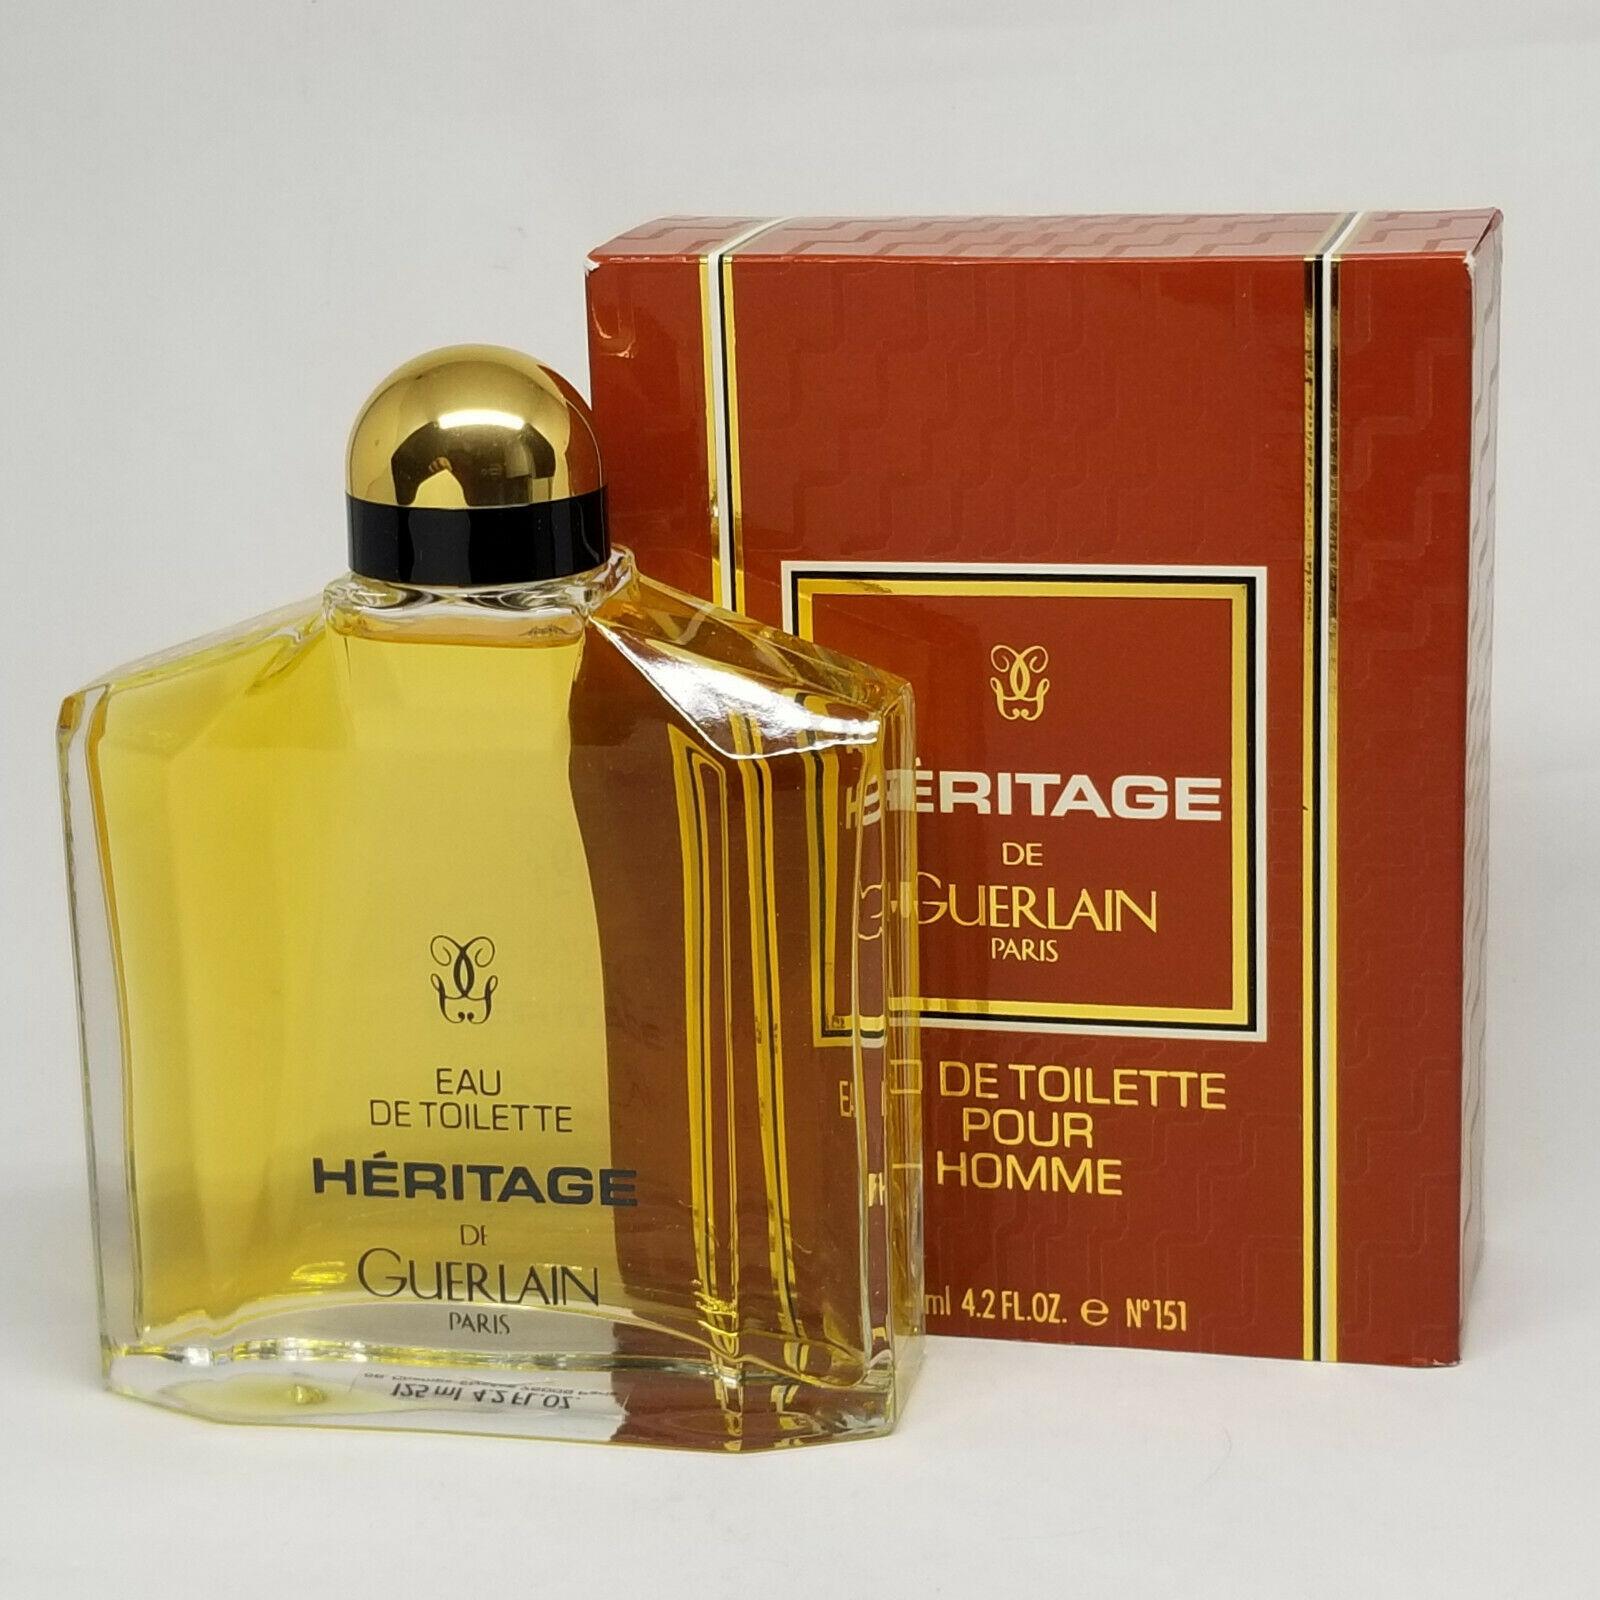 Aaaaaaaguerlain heritage vintage cologne